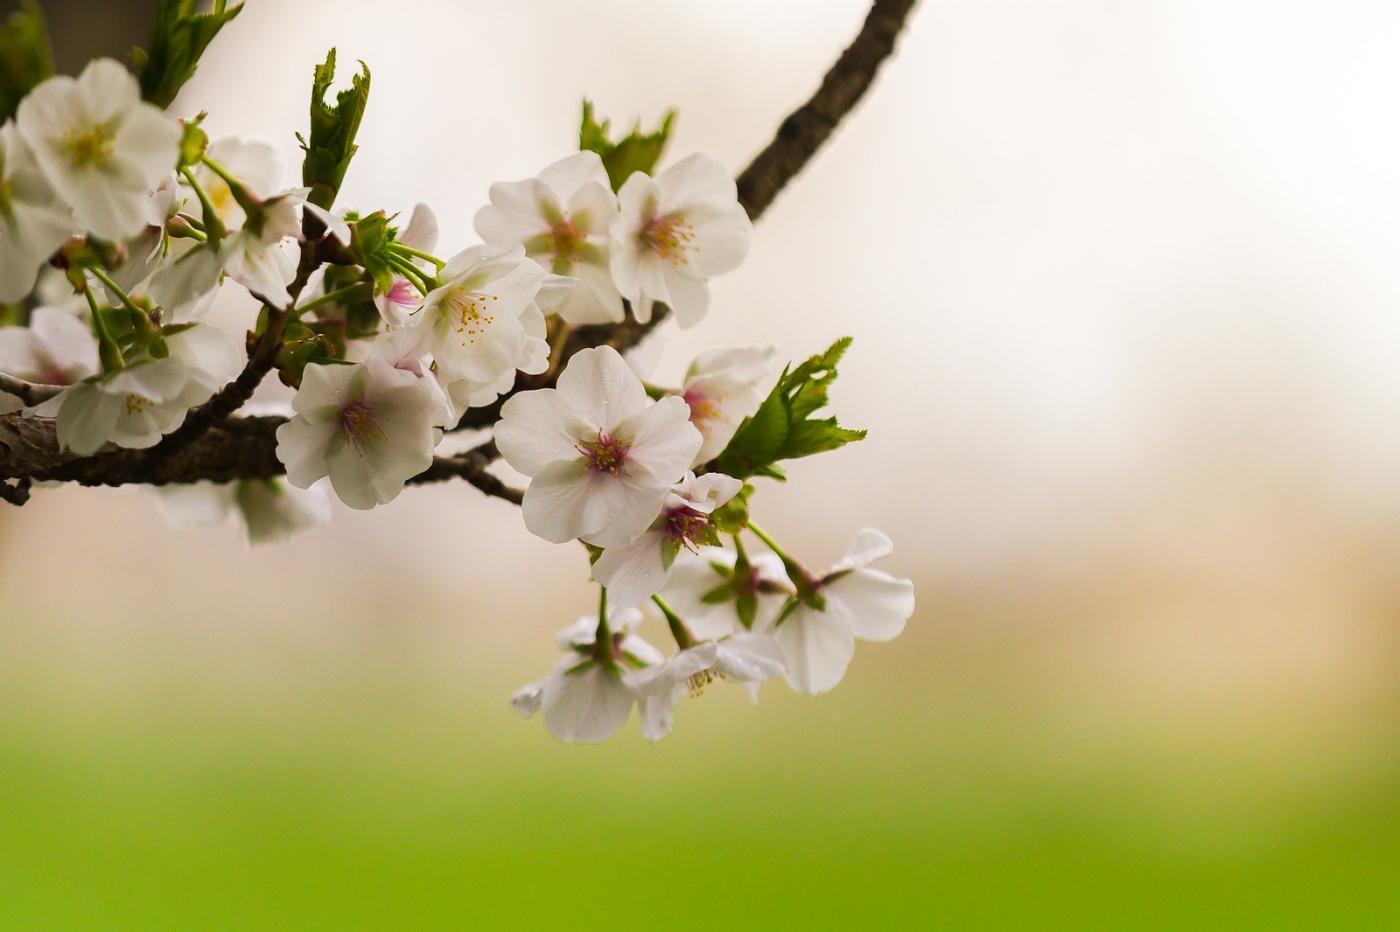 白色李花,粉色芯_圖1-5